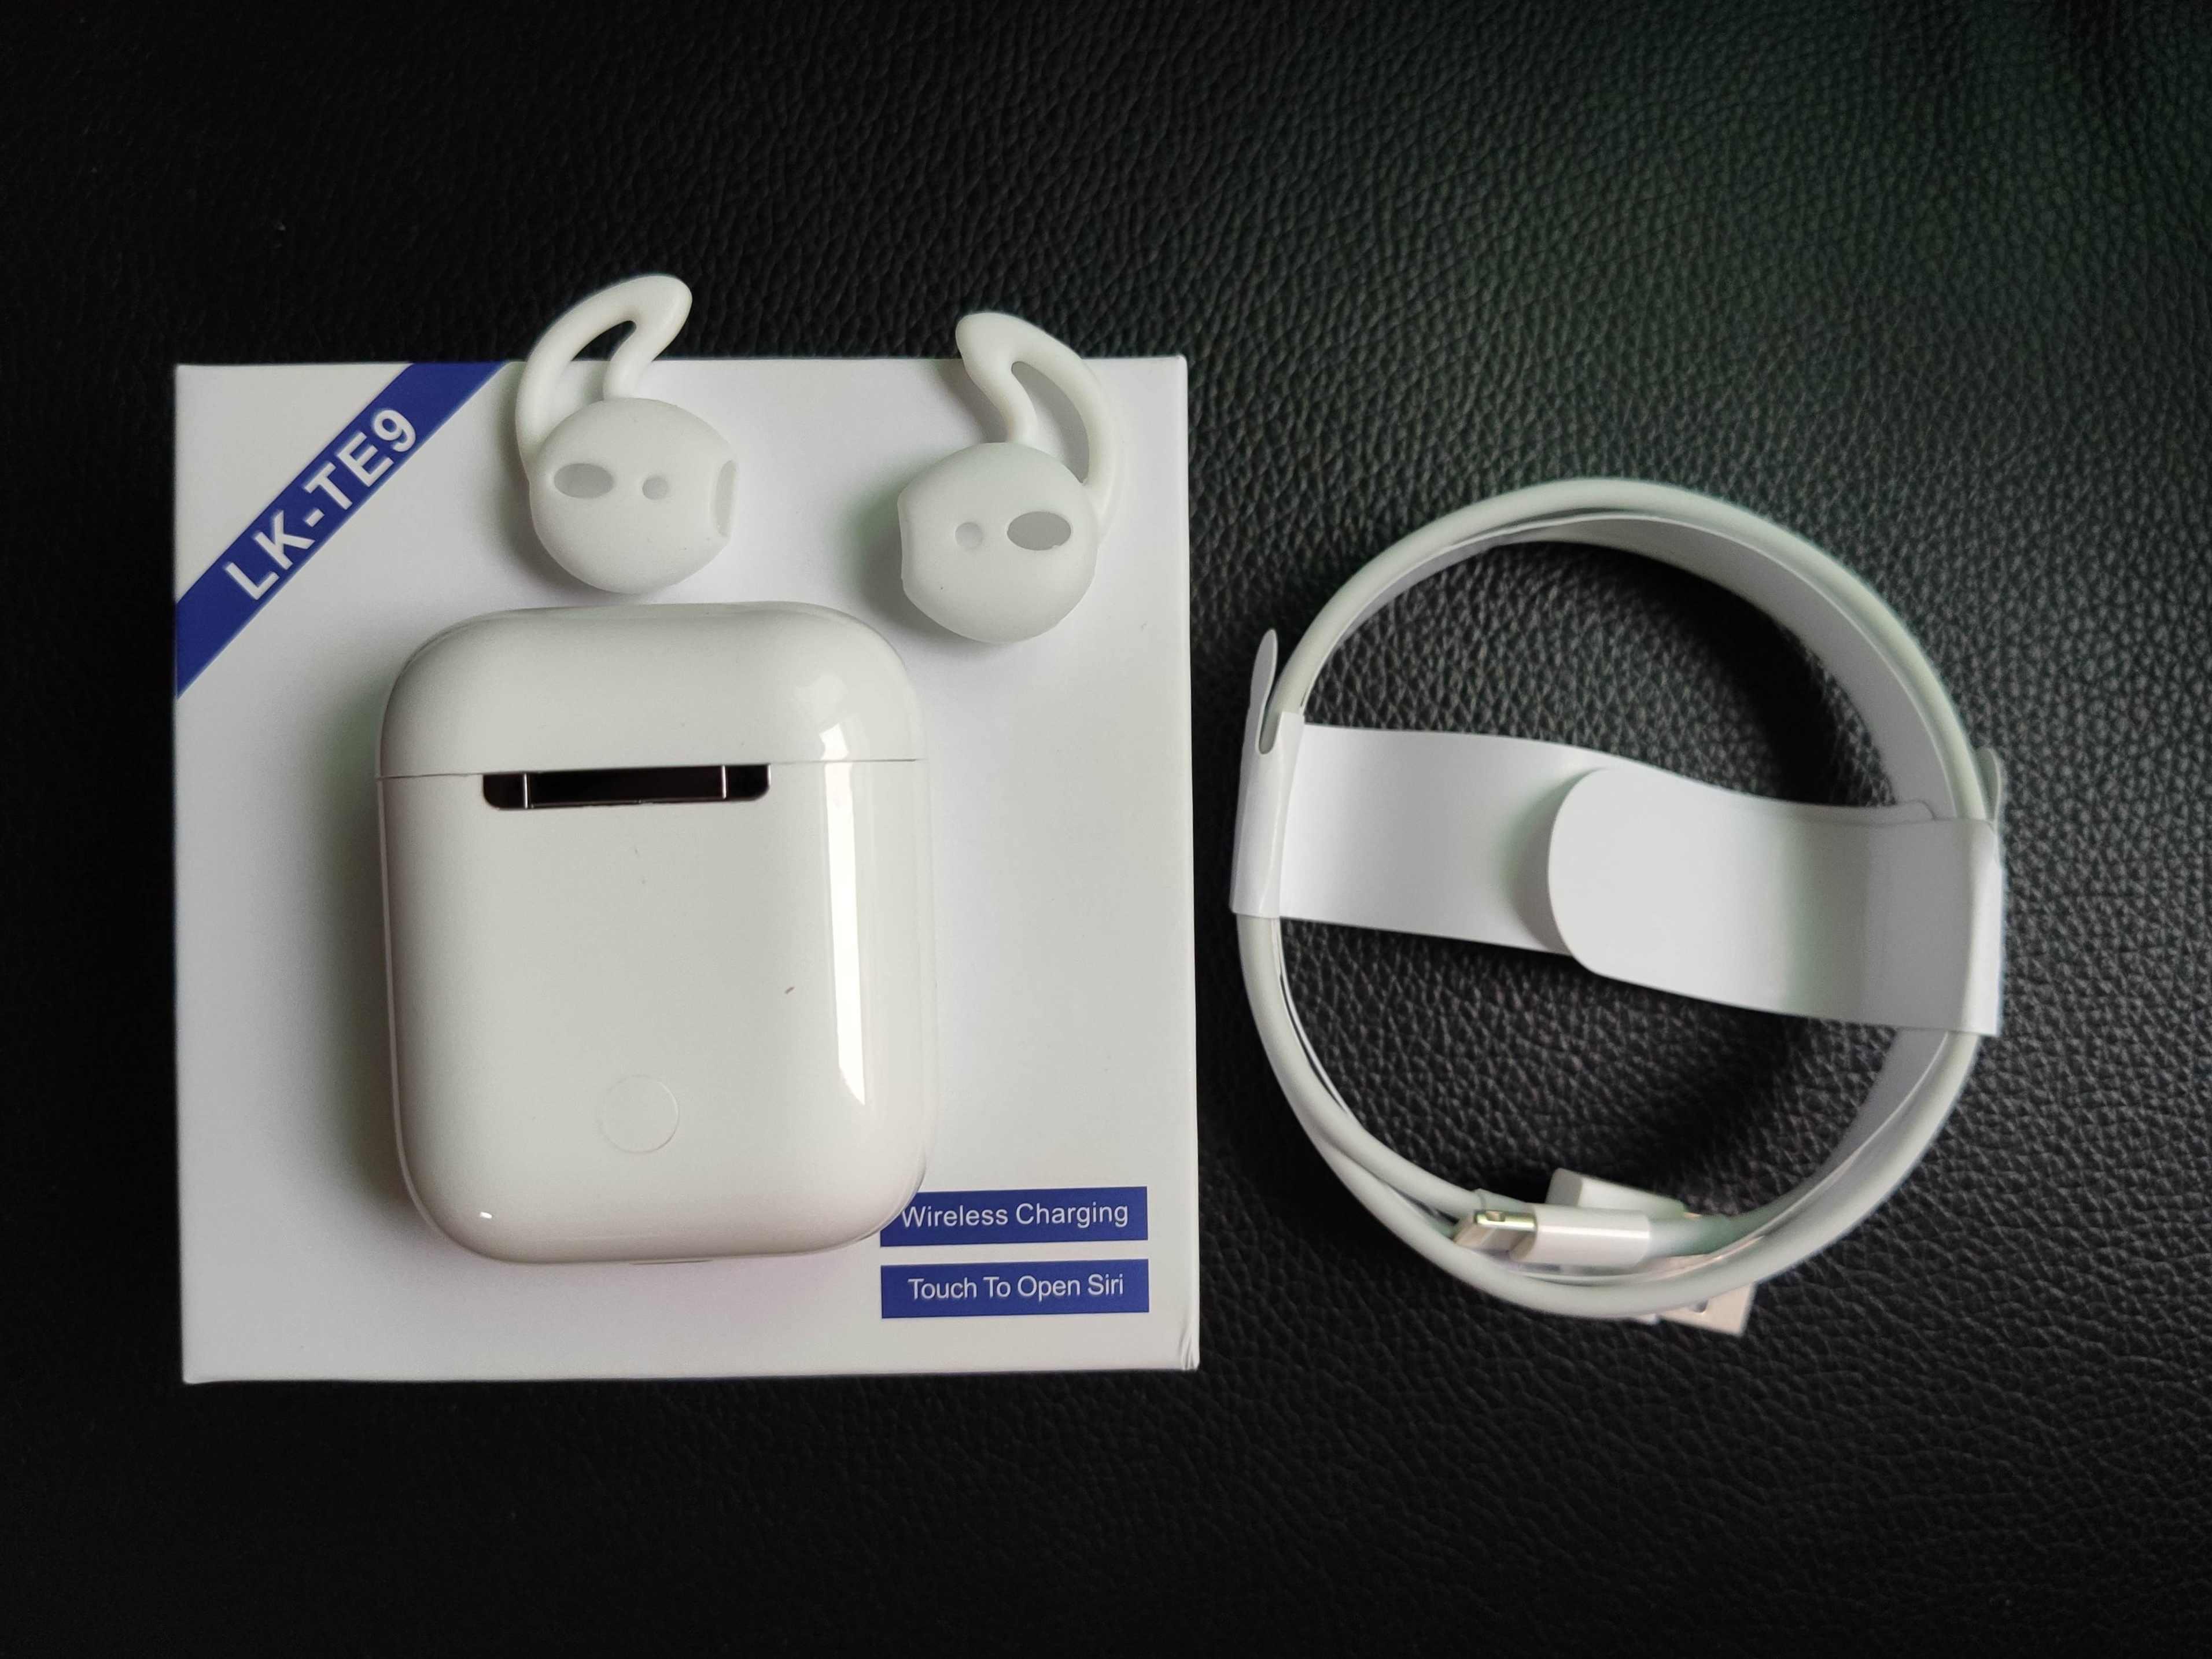 LK-TE9 tws nowa funkcja bezprzewodowy zestaw słuchawkowy bluetooth słuchawki 1:1 ładowania bezprzewodowego Bluetooth dla wszystkich inteligentnych telefonów